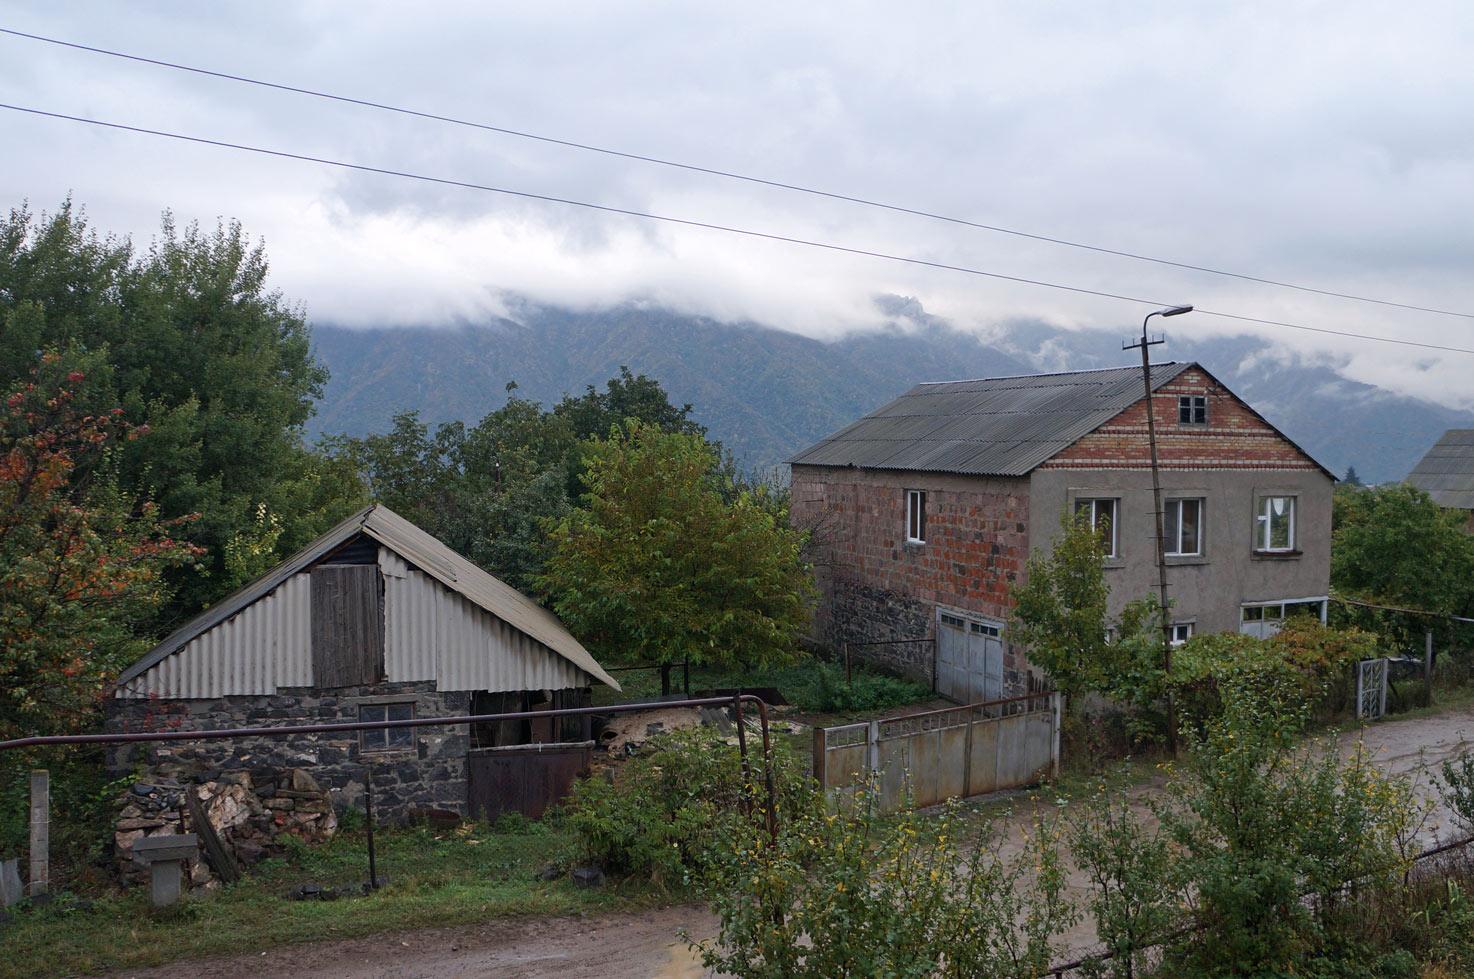 Из Армении в Грузию. Часть 3. Монастыри за облаками